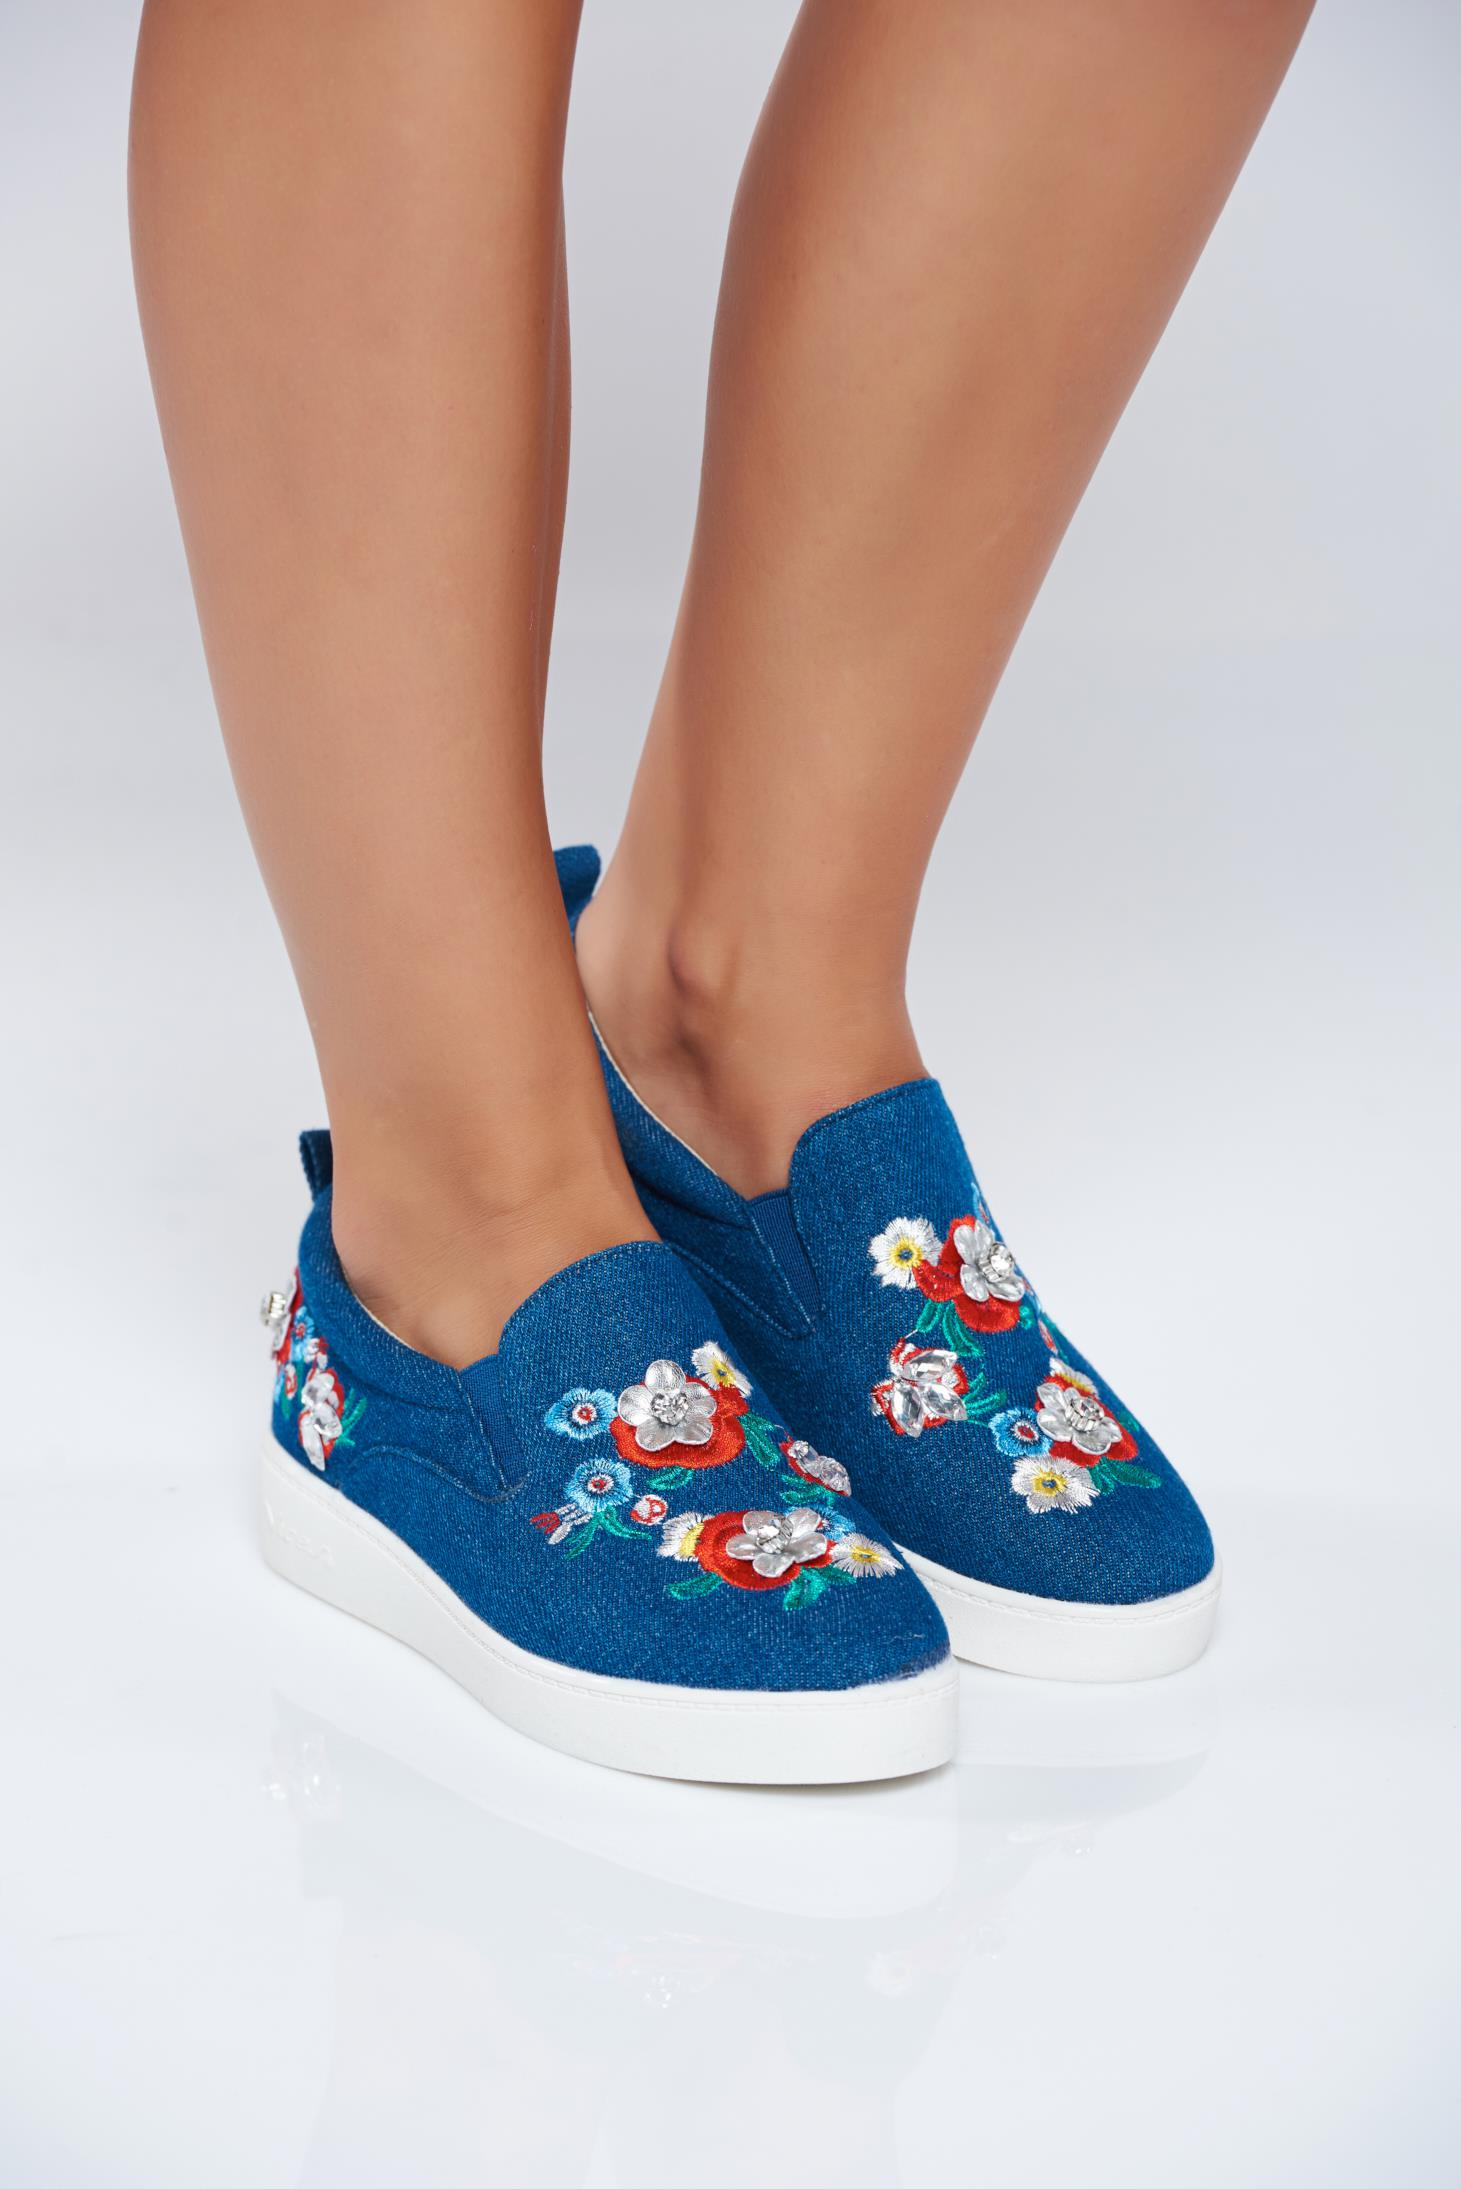 Kék hétköznapi sport cipő hímzett betétekkel a talp nagyon könnyű b83dcb731c